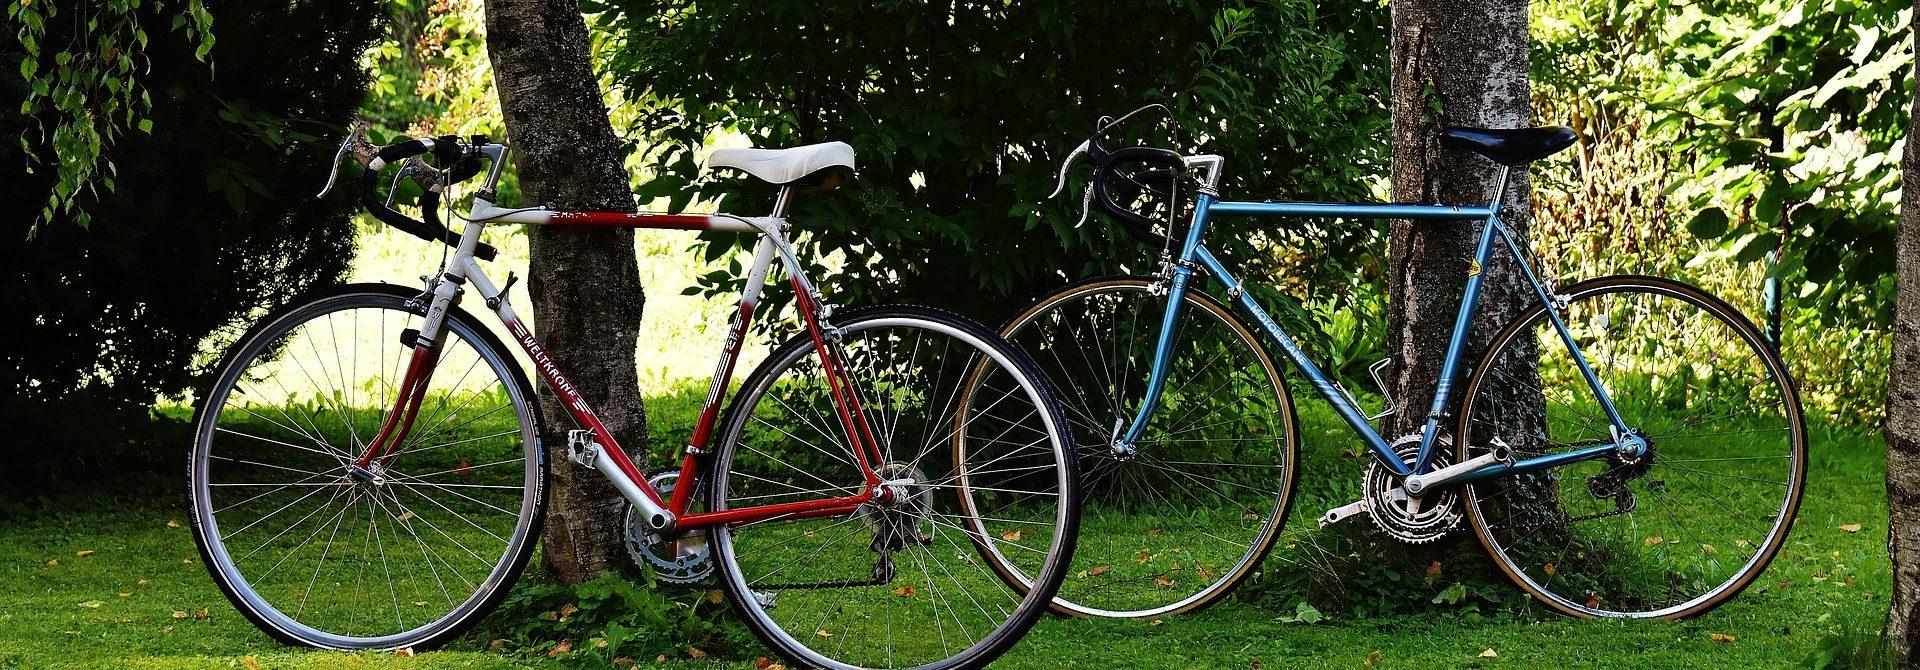 7a1a25a48775 Érd-M.S.N. – Kerékpár szaküzlet és szervíz